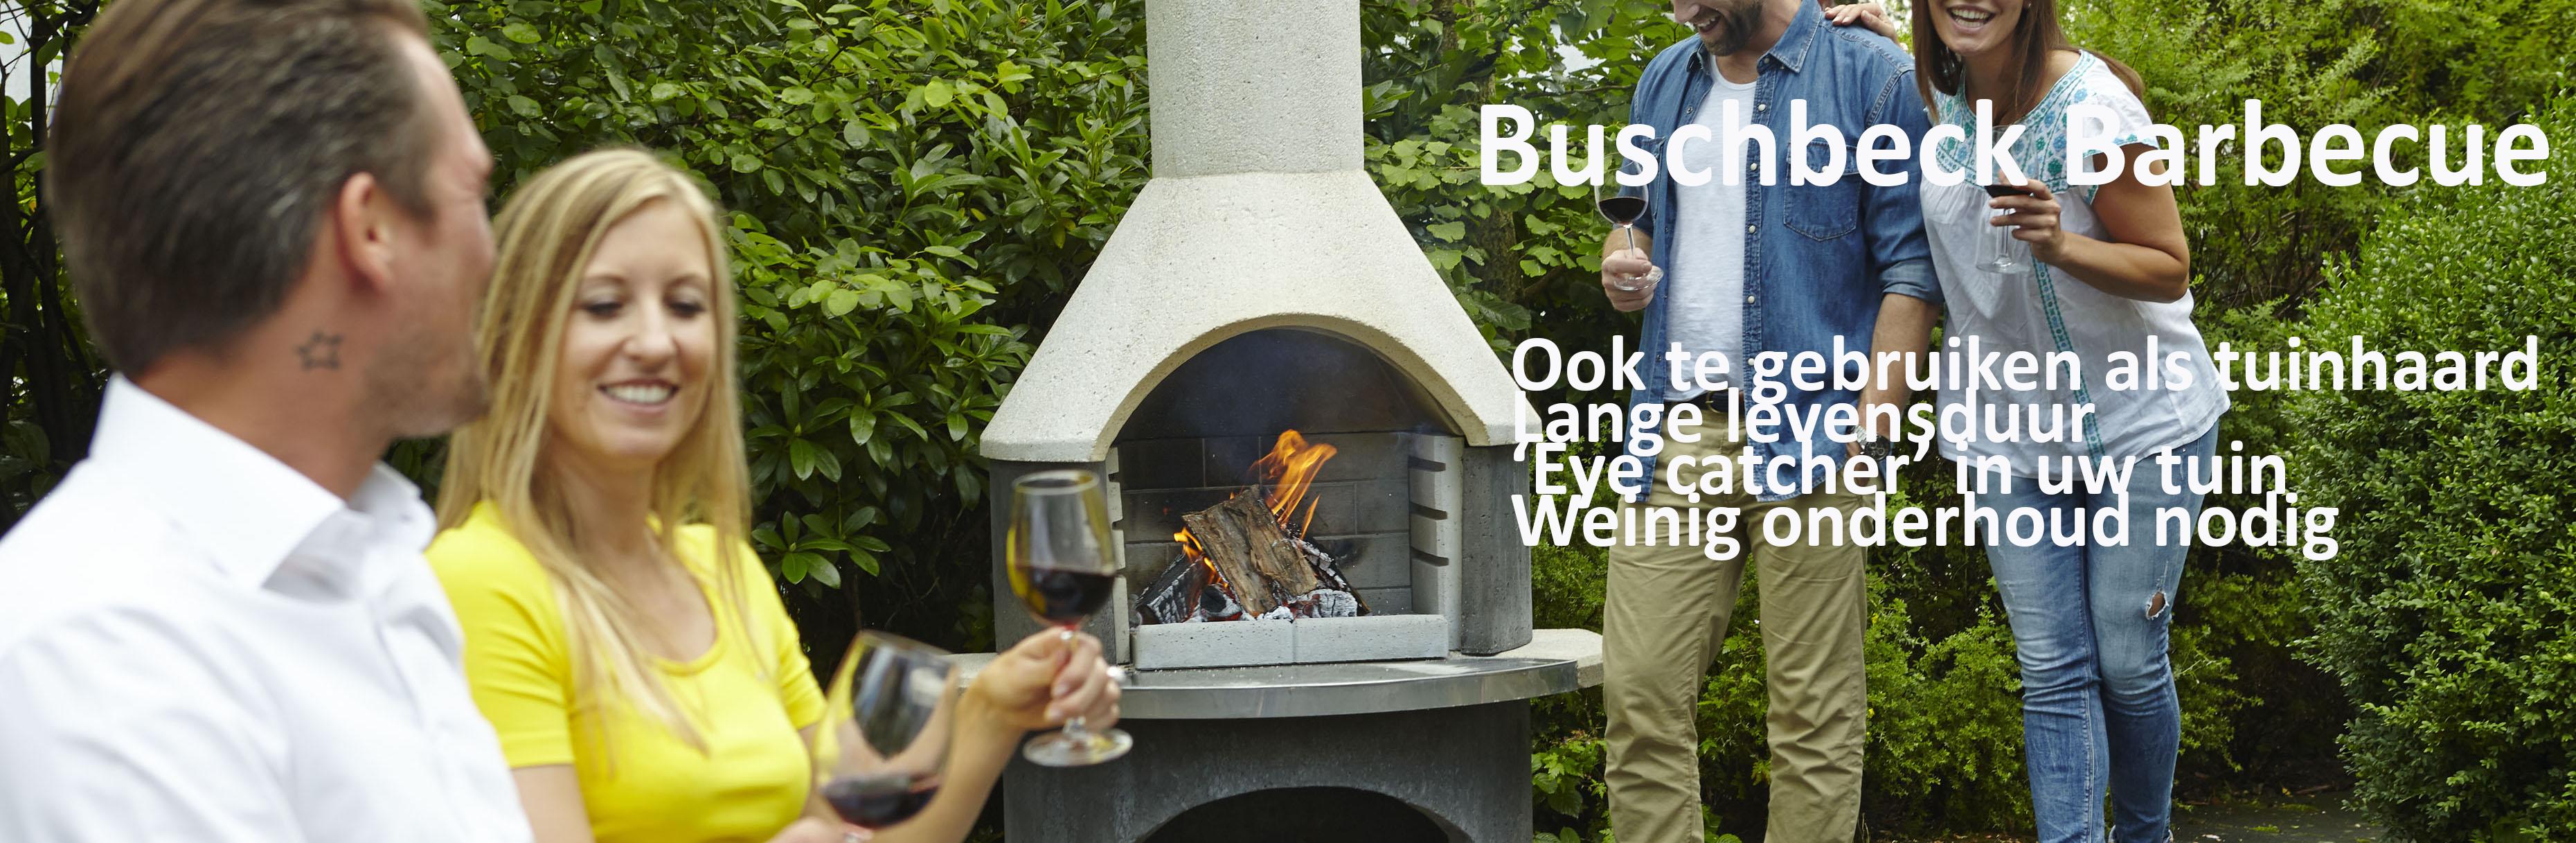 Buschbeck barbecue en tuinhaard